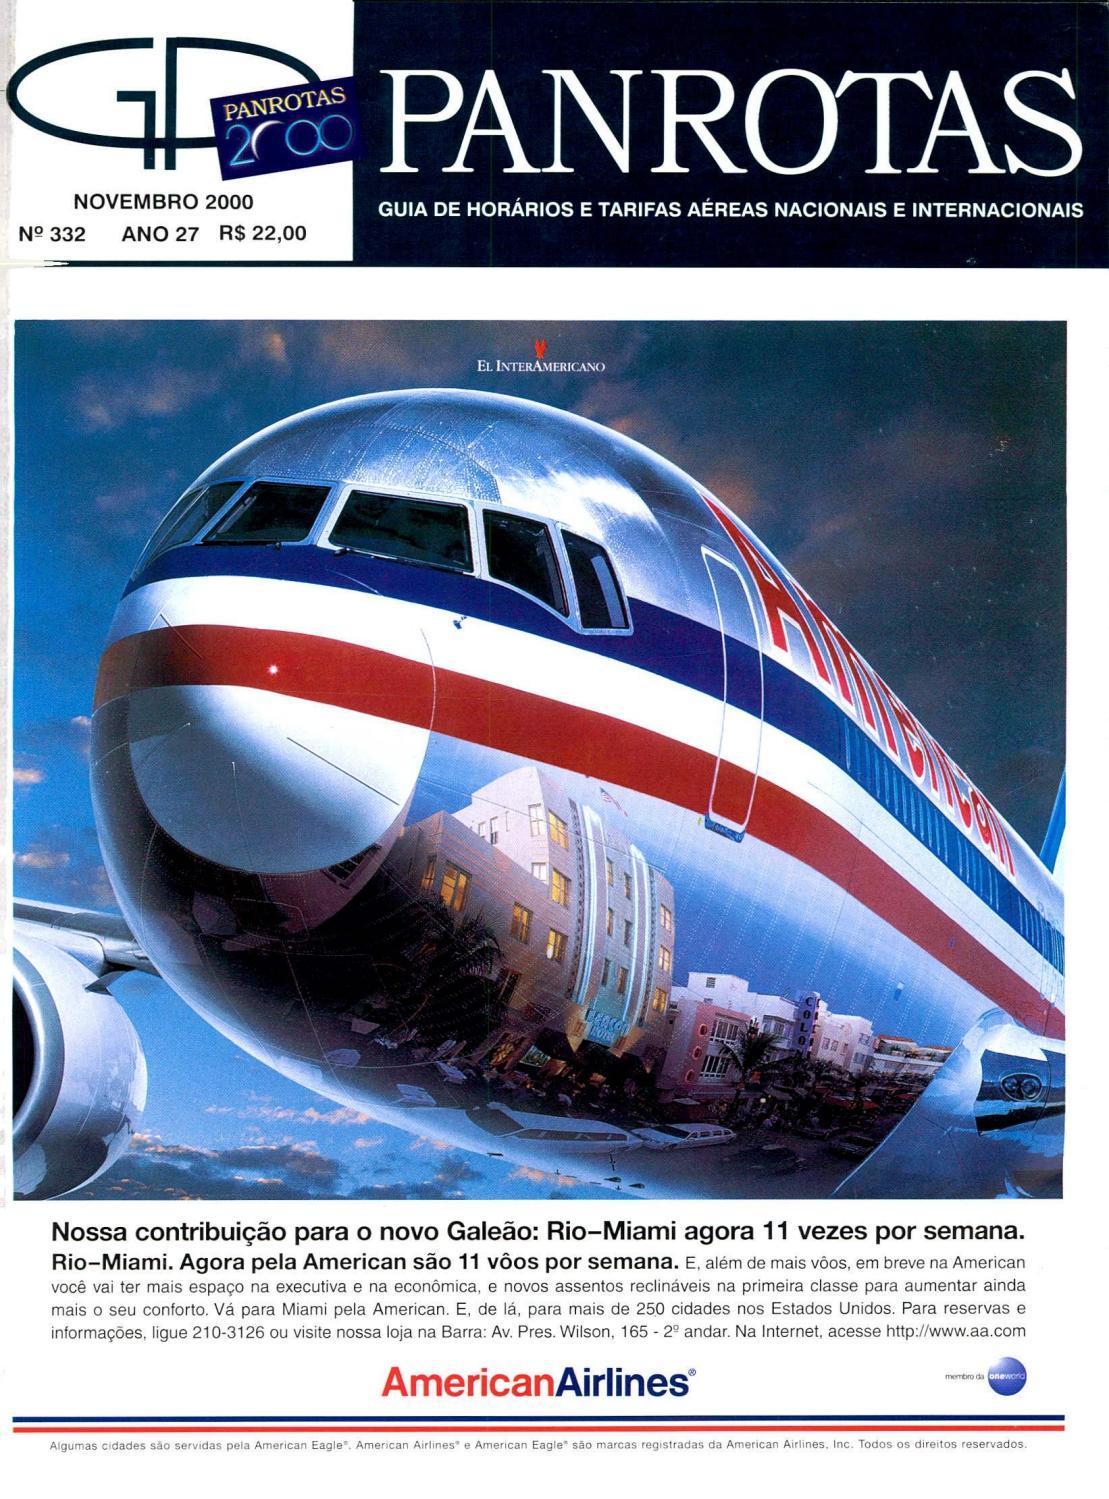 31c2cb22d Guia PANOTAS - Edição 332 - Novembro 2000 by PANROTAS Editora - issuu